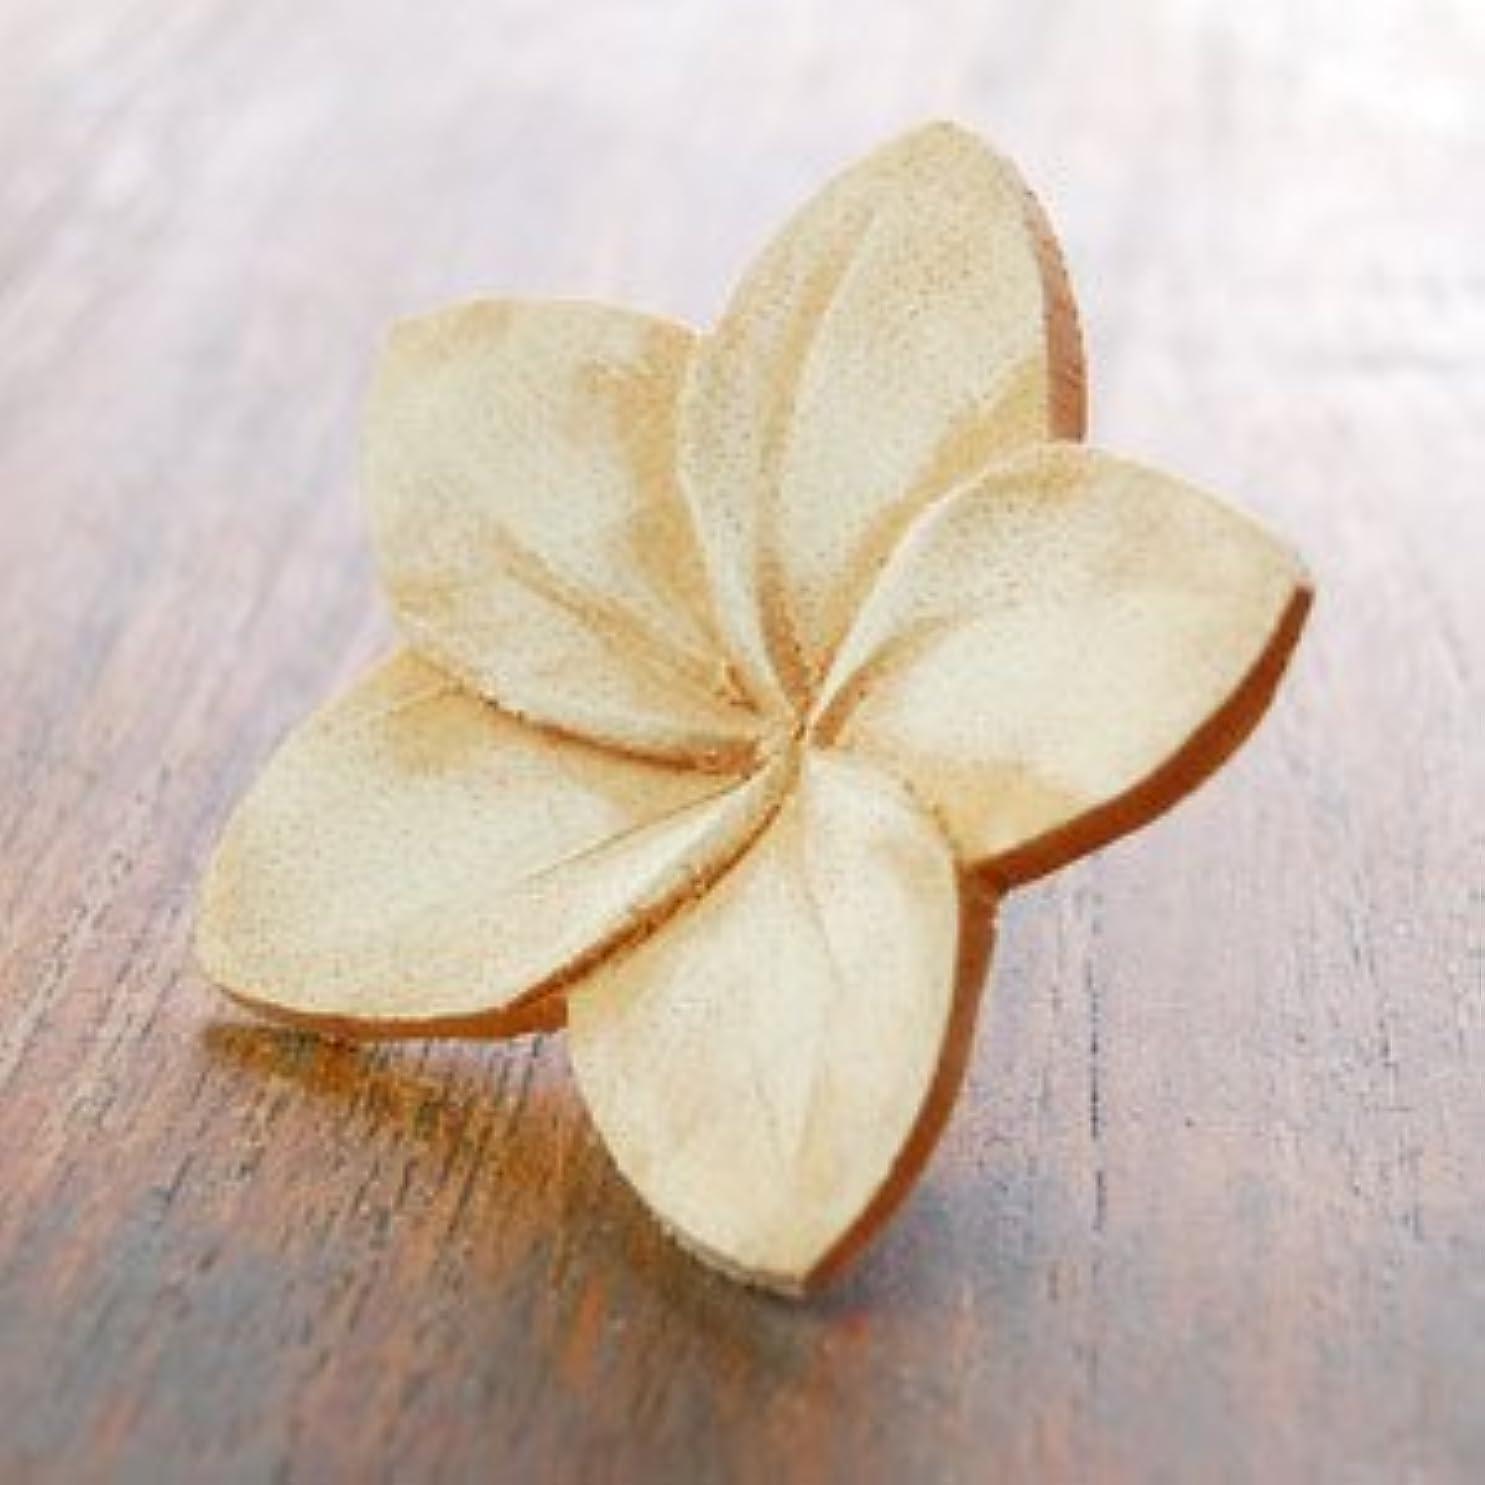 めまいが覚えている犯す【アジア工房】プルメリアの花びらをモチーフにした木製アロマフラワー[Bタイプ][10892] [並行輸入品]